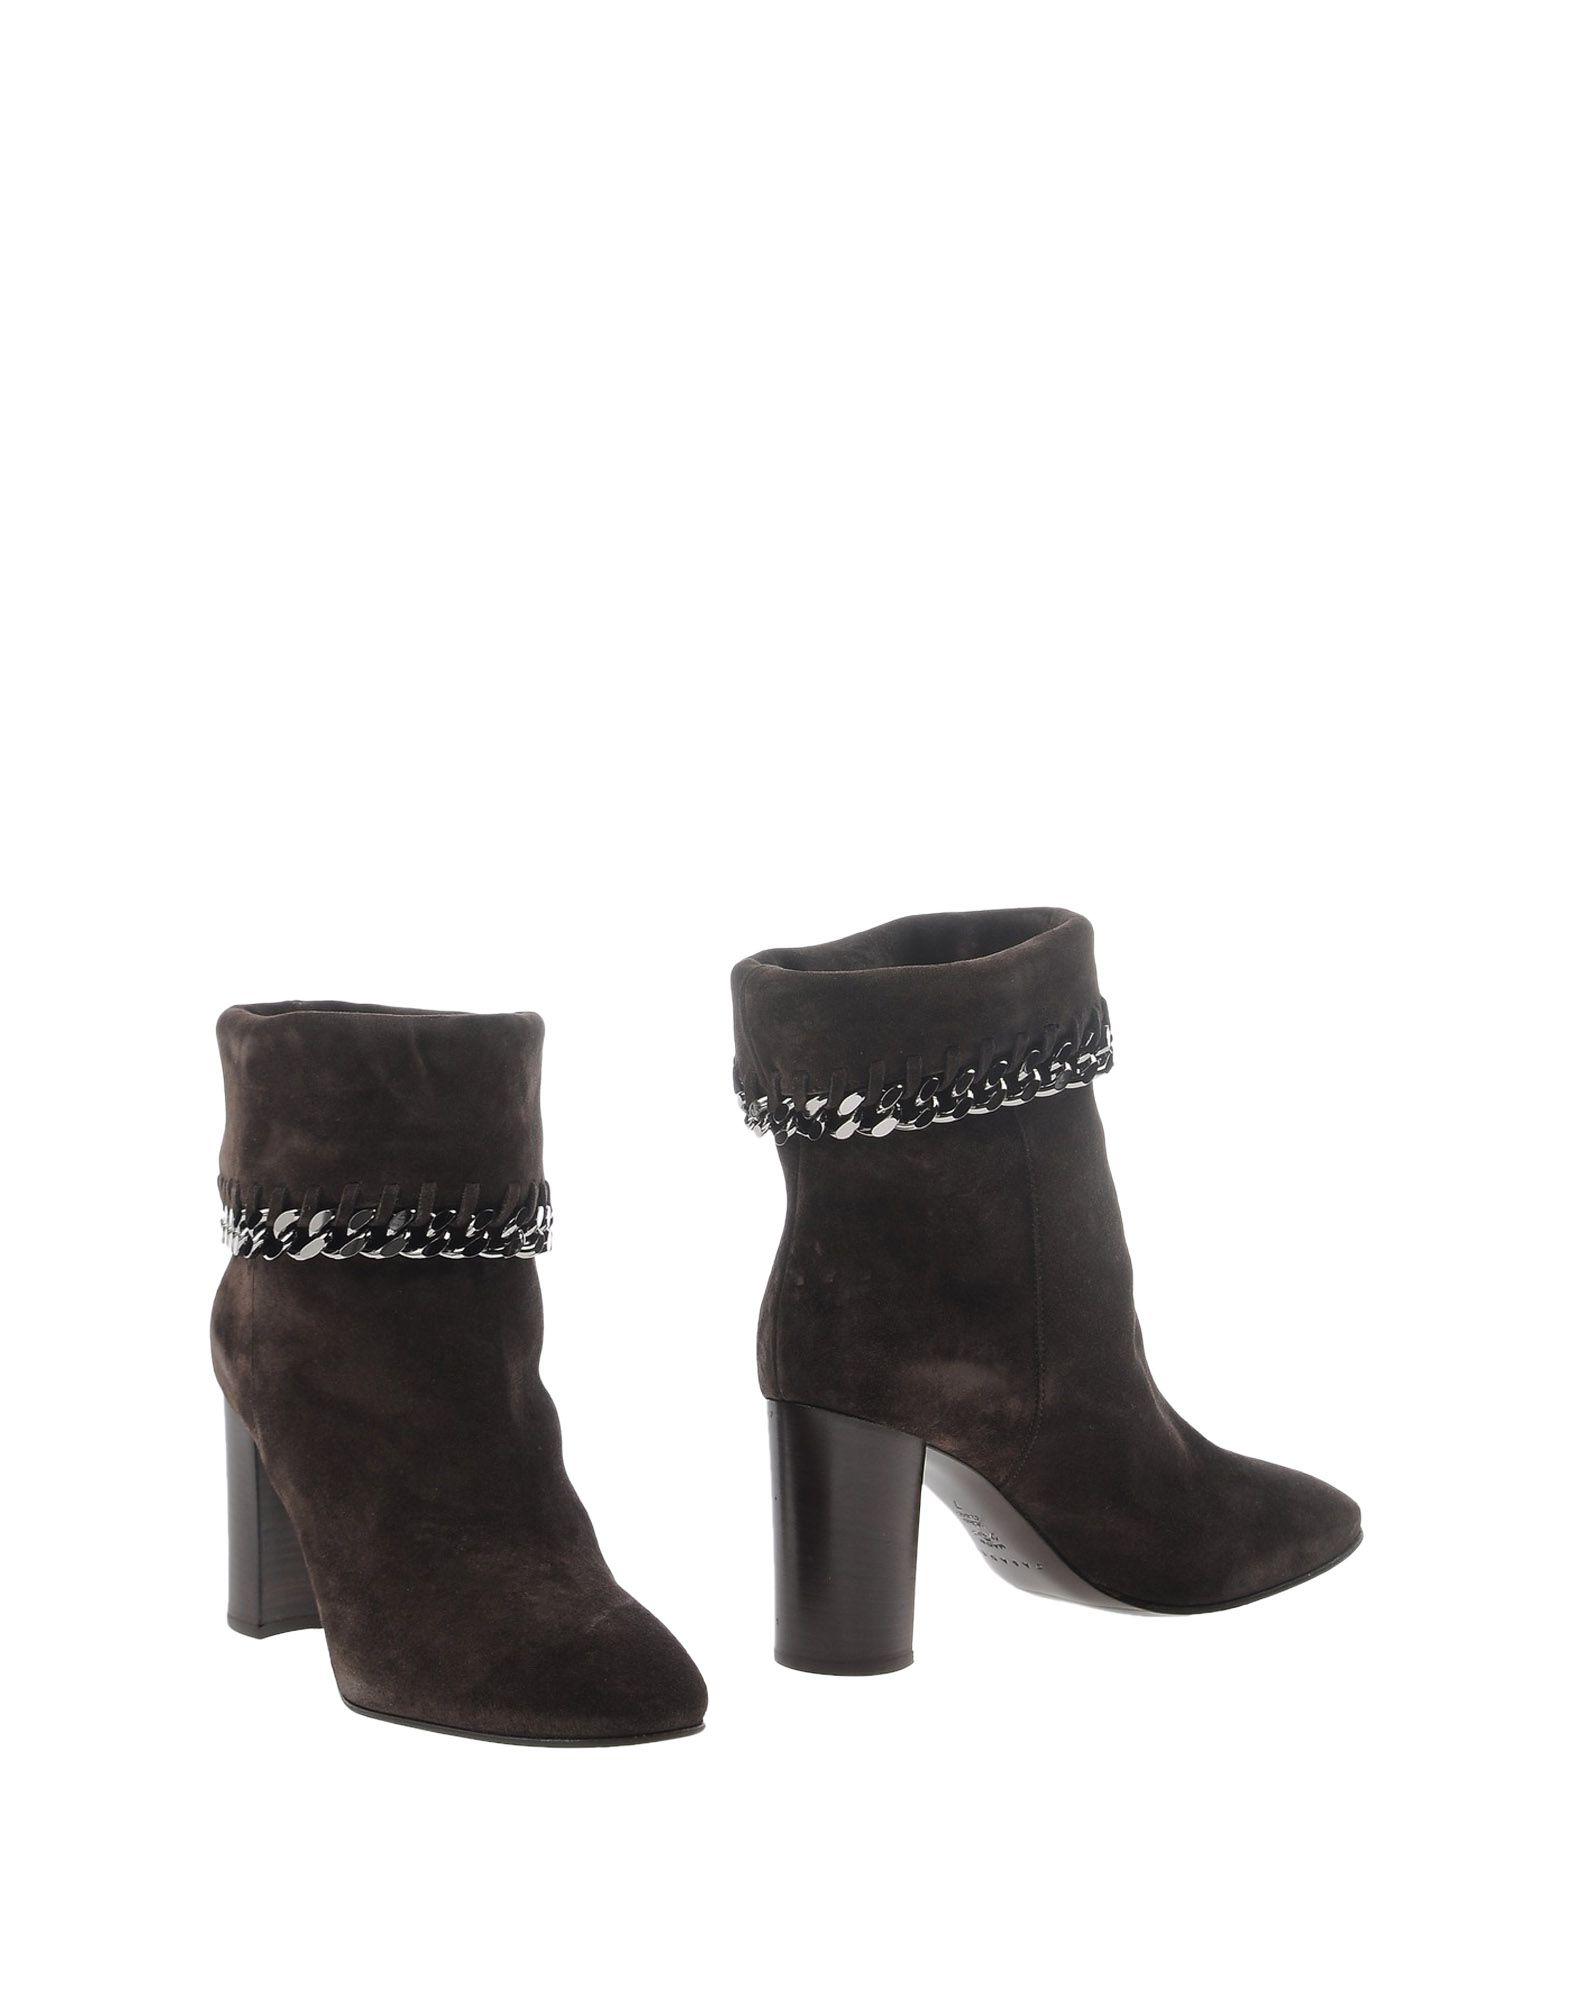 Haltbare Mode billige Schuhe Casadei Stiefelette Damen  11090642XD Heiße Schuhe